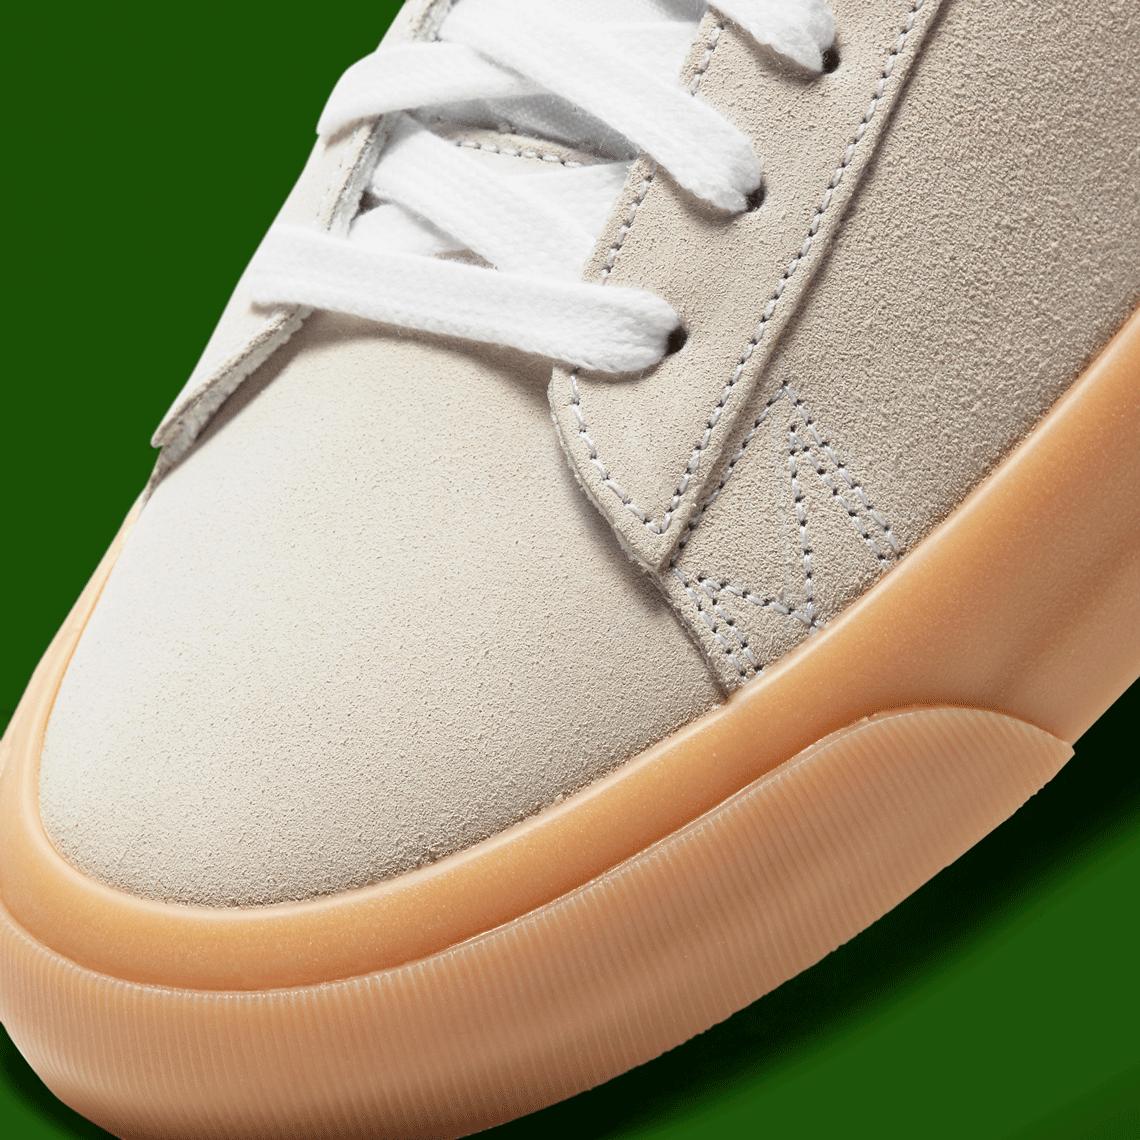 Nike-SB-Blazer-Low-GT-DC7695-100-07.jpg?w=1140